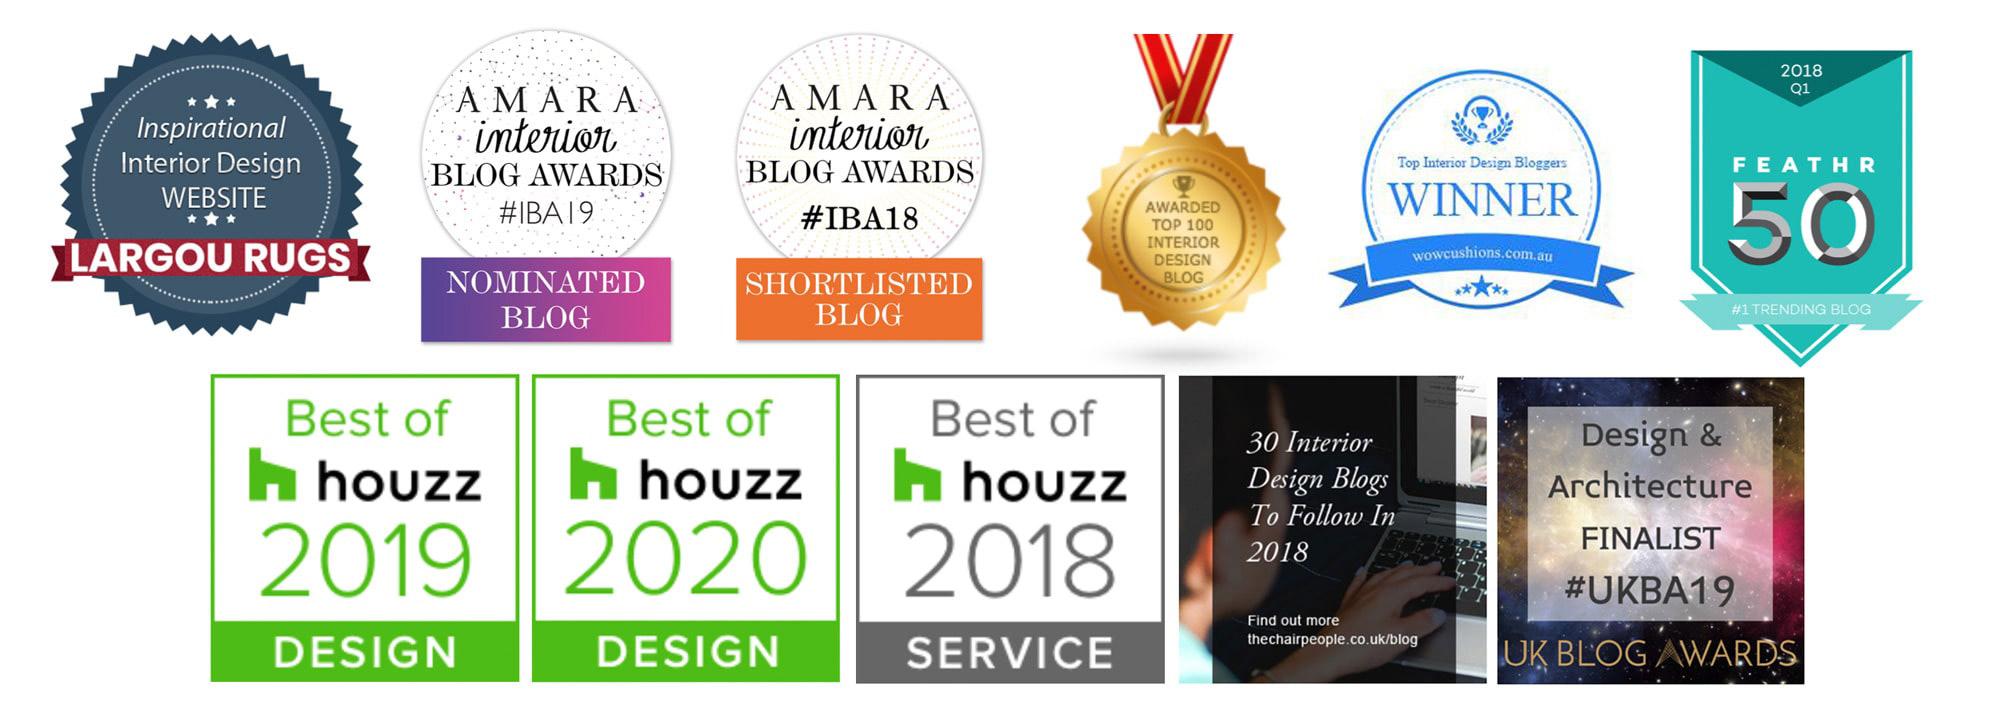 authentic-interior-design-magazine-awards